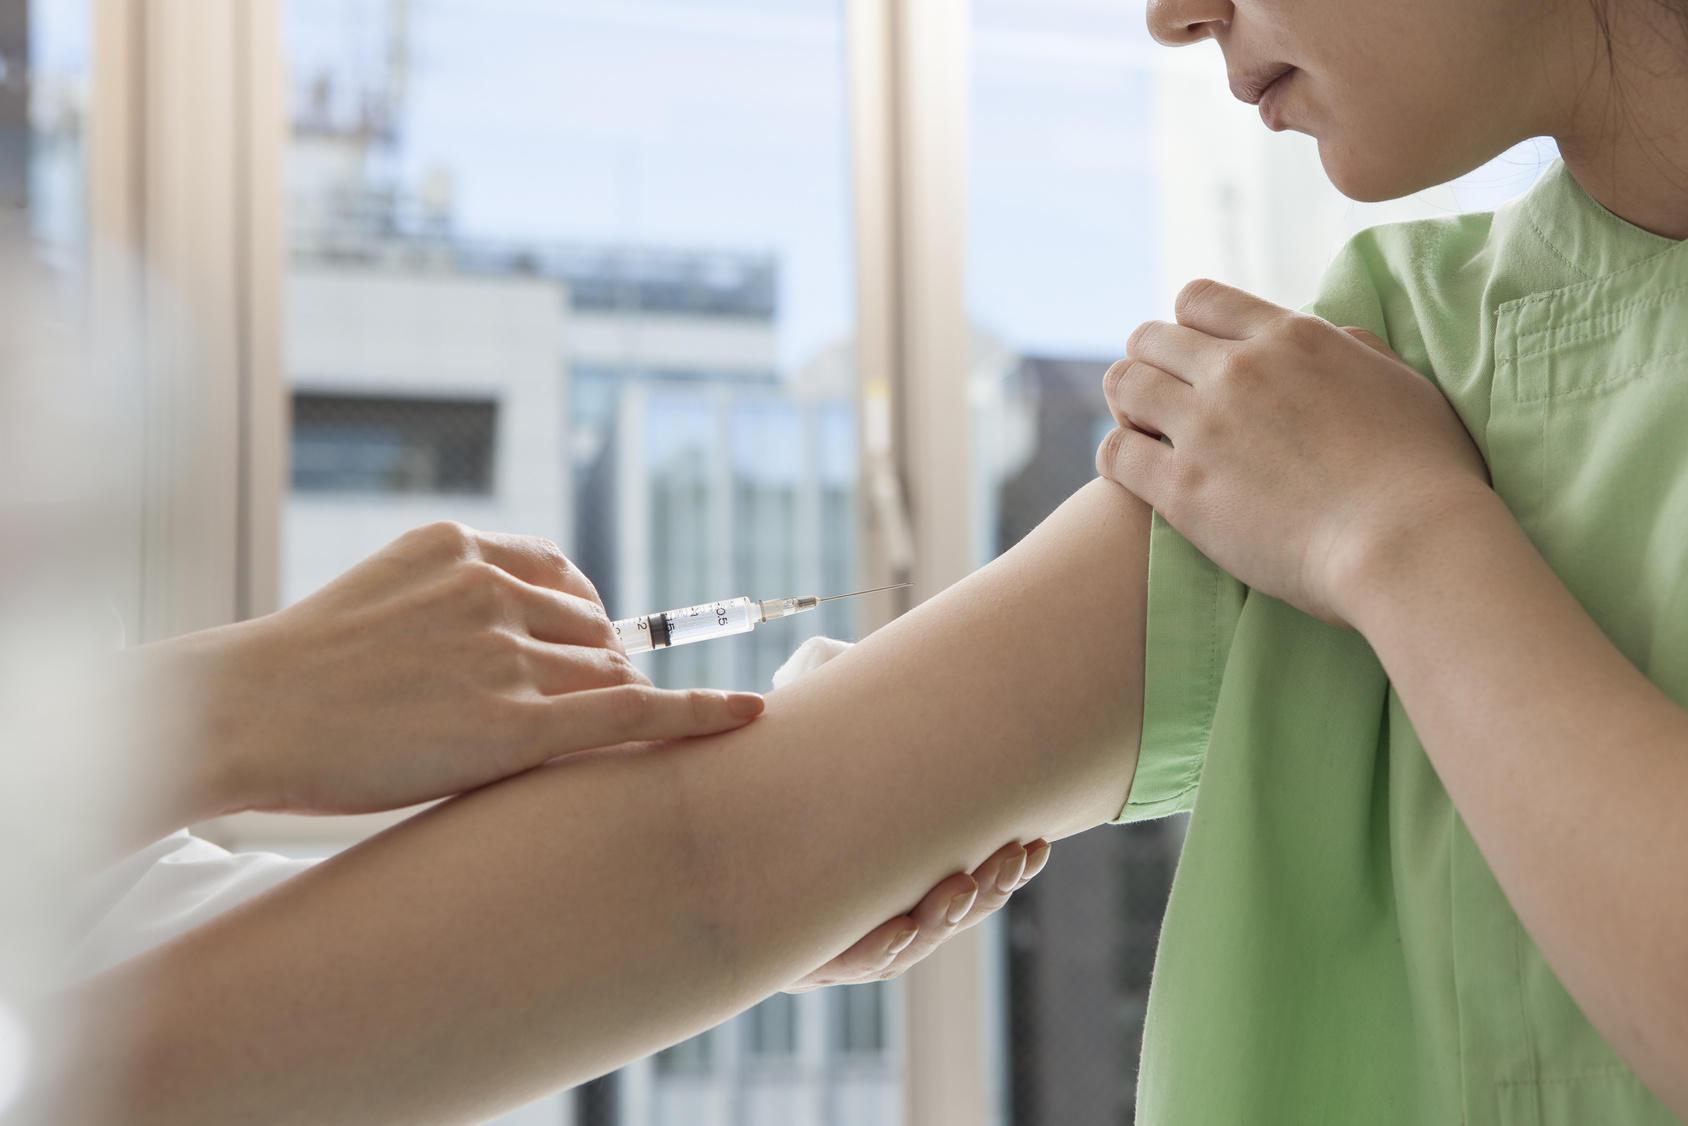 風疹のワクチン接種と妊婦への予防を呼びかけ―先天性風疹症候群の報告を受け